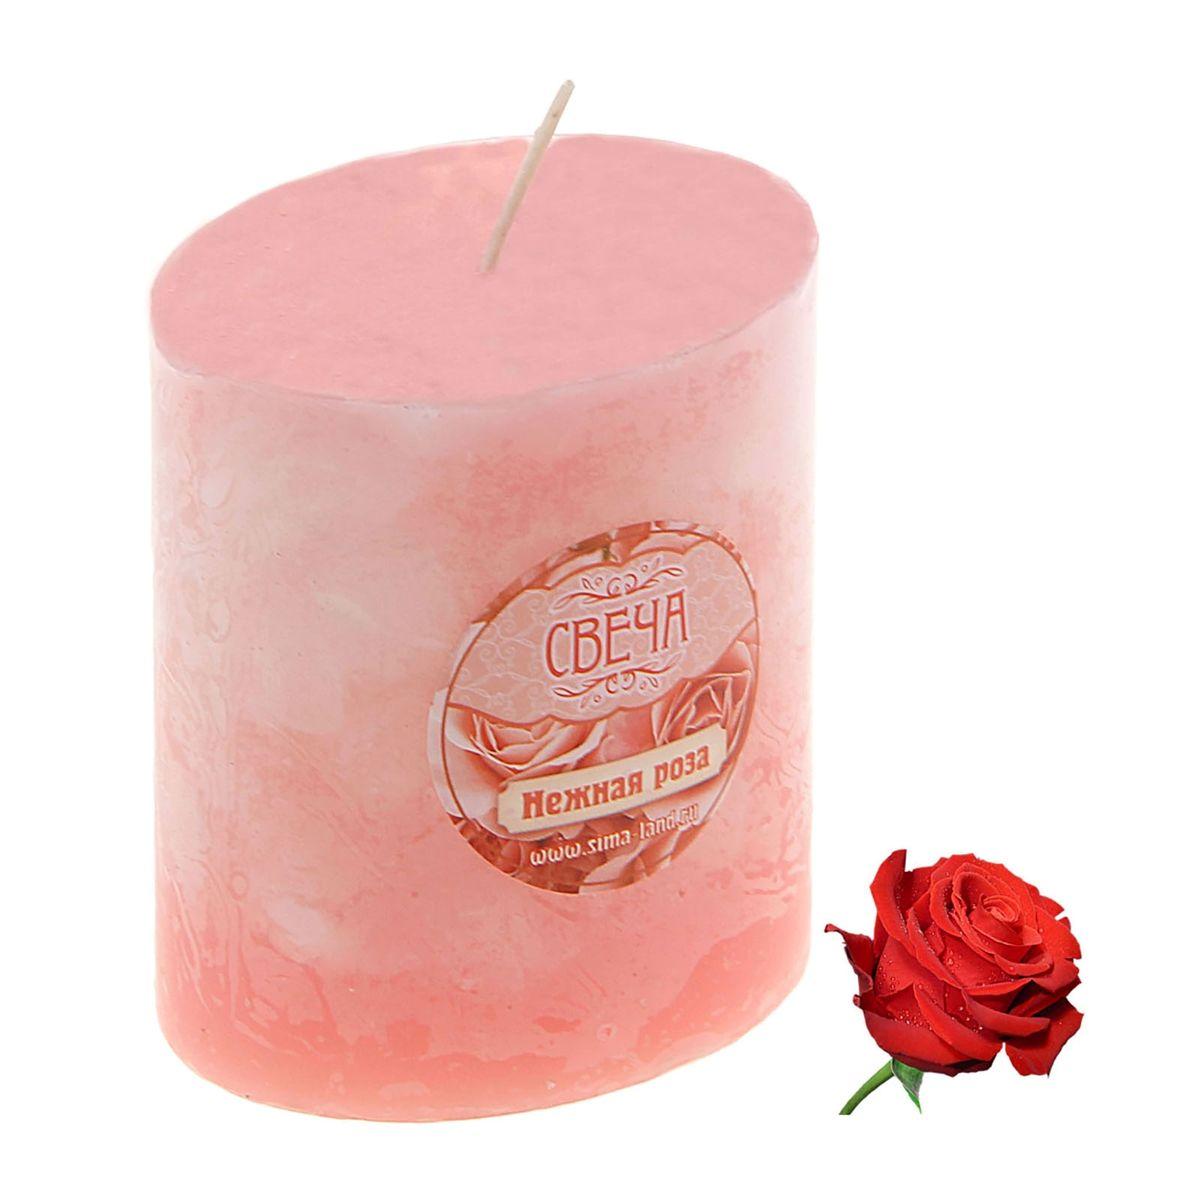 Свеча ароматизированная Sima-land Слияние, с ароматом розы, цвет: розовый, белый, высота 7 см849523Ароматизированная свеча Sima-land Слияние изготовлена из воска. Изделие отличается оригинальным дизайном и приятным ароматом розы. Свеча Sima-land Слияние - это прекрасный выбор для тех, кто хочет сделать запоминающийся презент родным и близким. Она поможет создать атмосферу праздника. Такой подарок запомнится надолго.